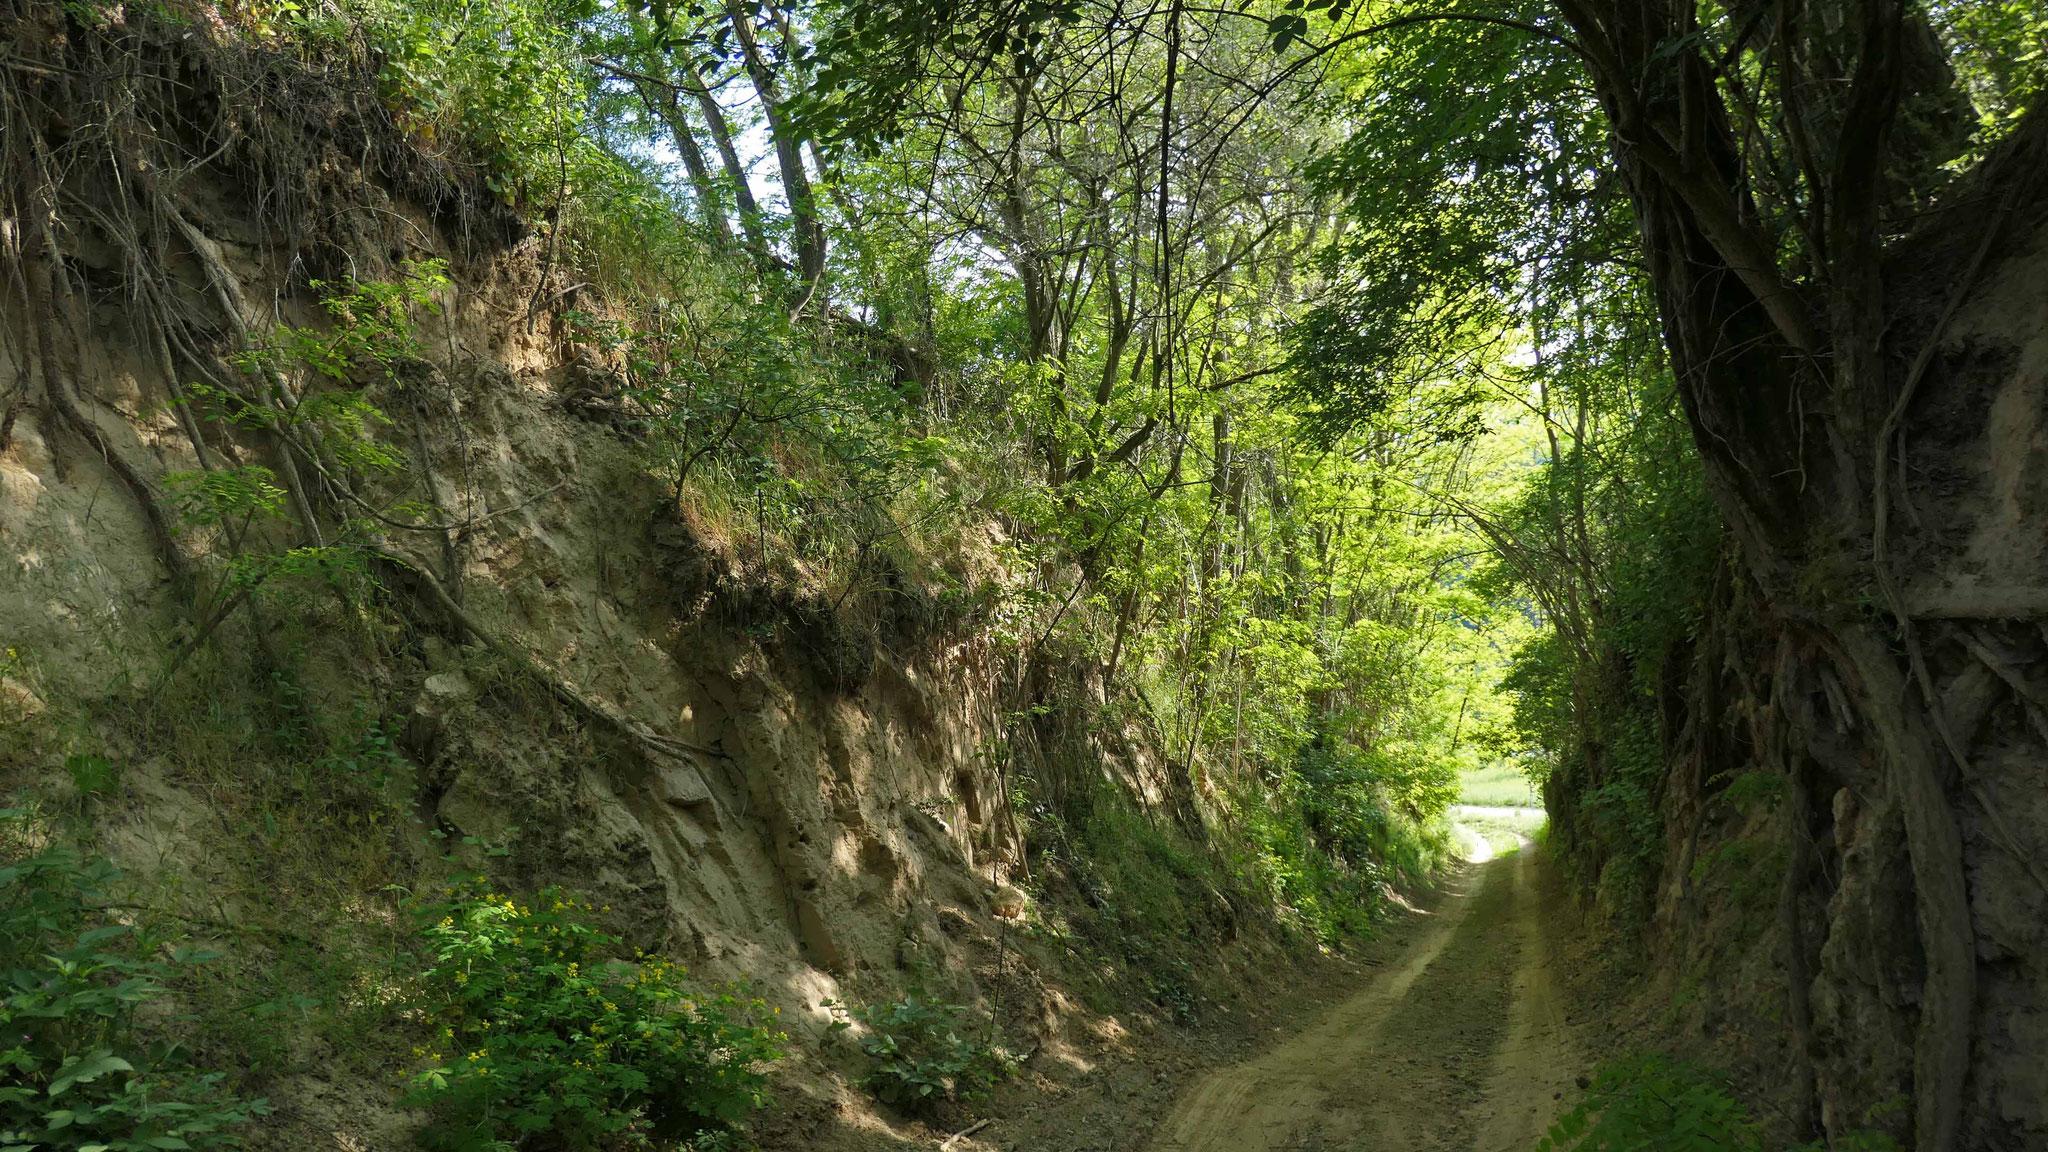 Bildergalerie Hohlenpfad südwestlich von Tairnbach (bei Tafel 6, siehe Faltblatt), Fotos: A. Treffer